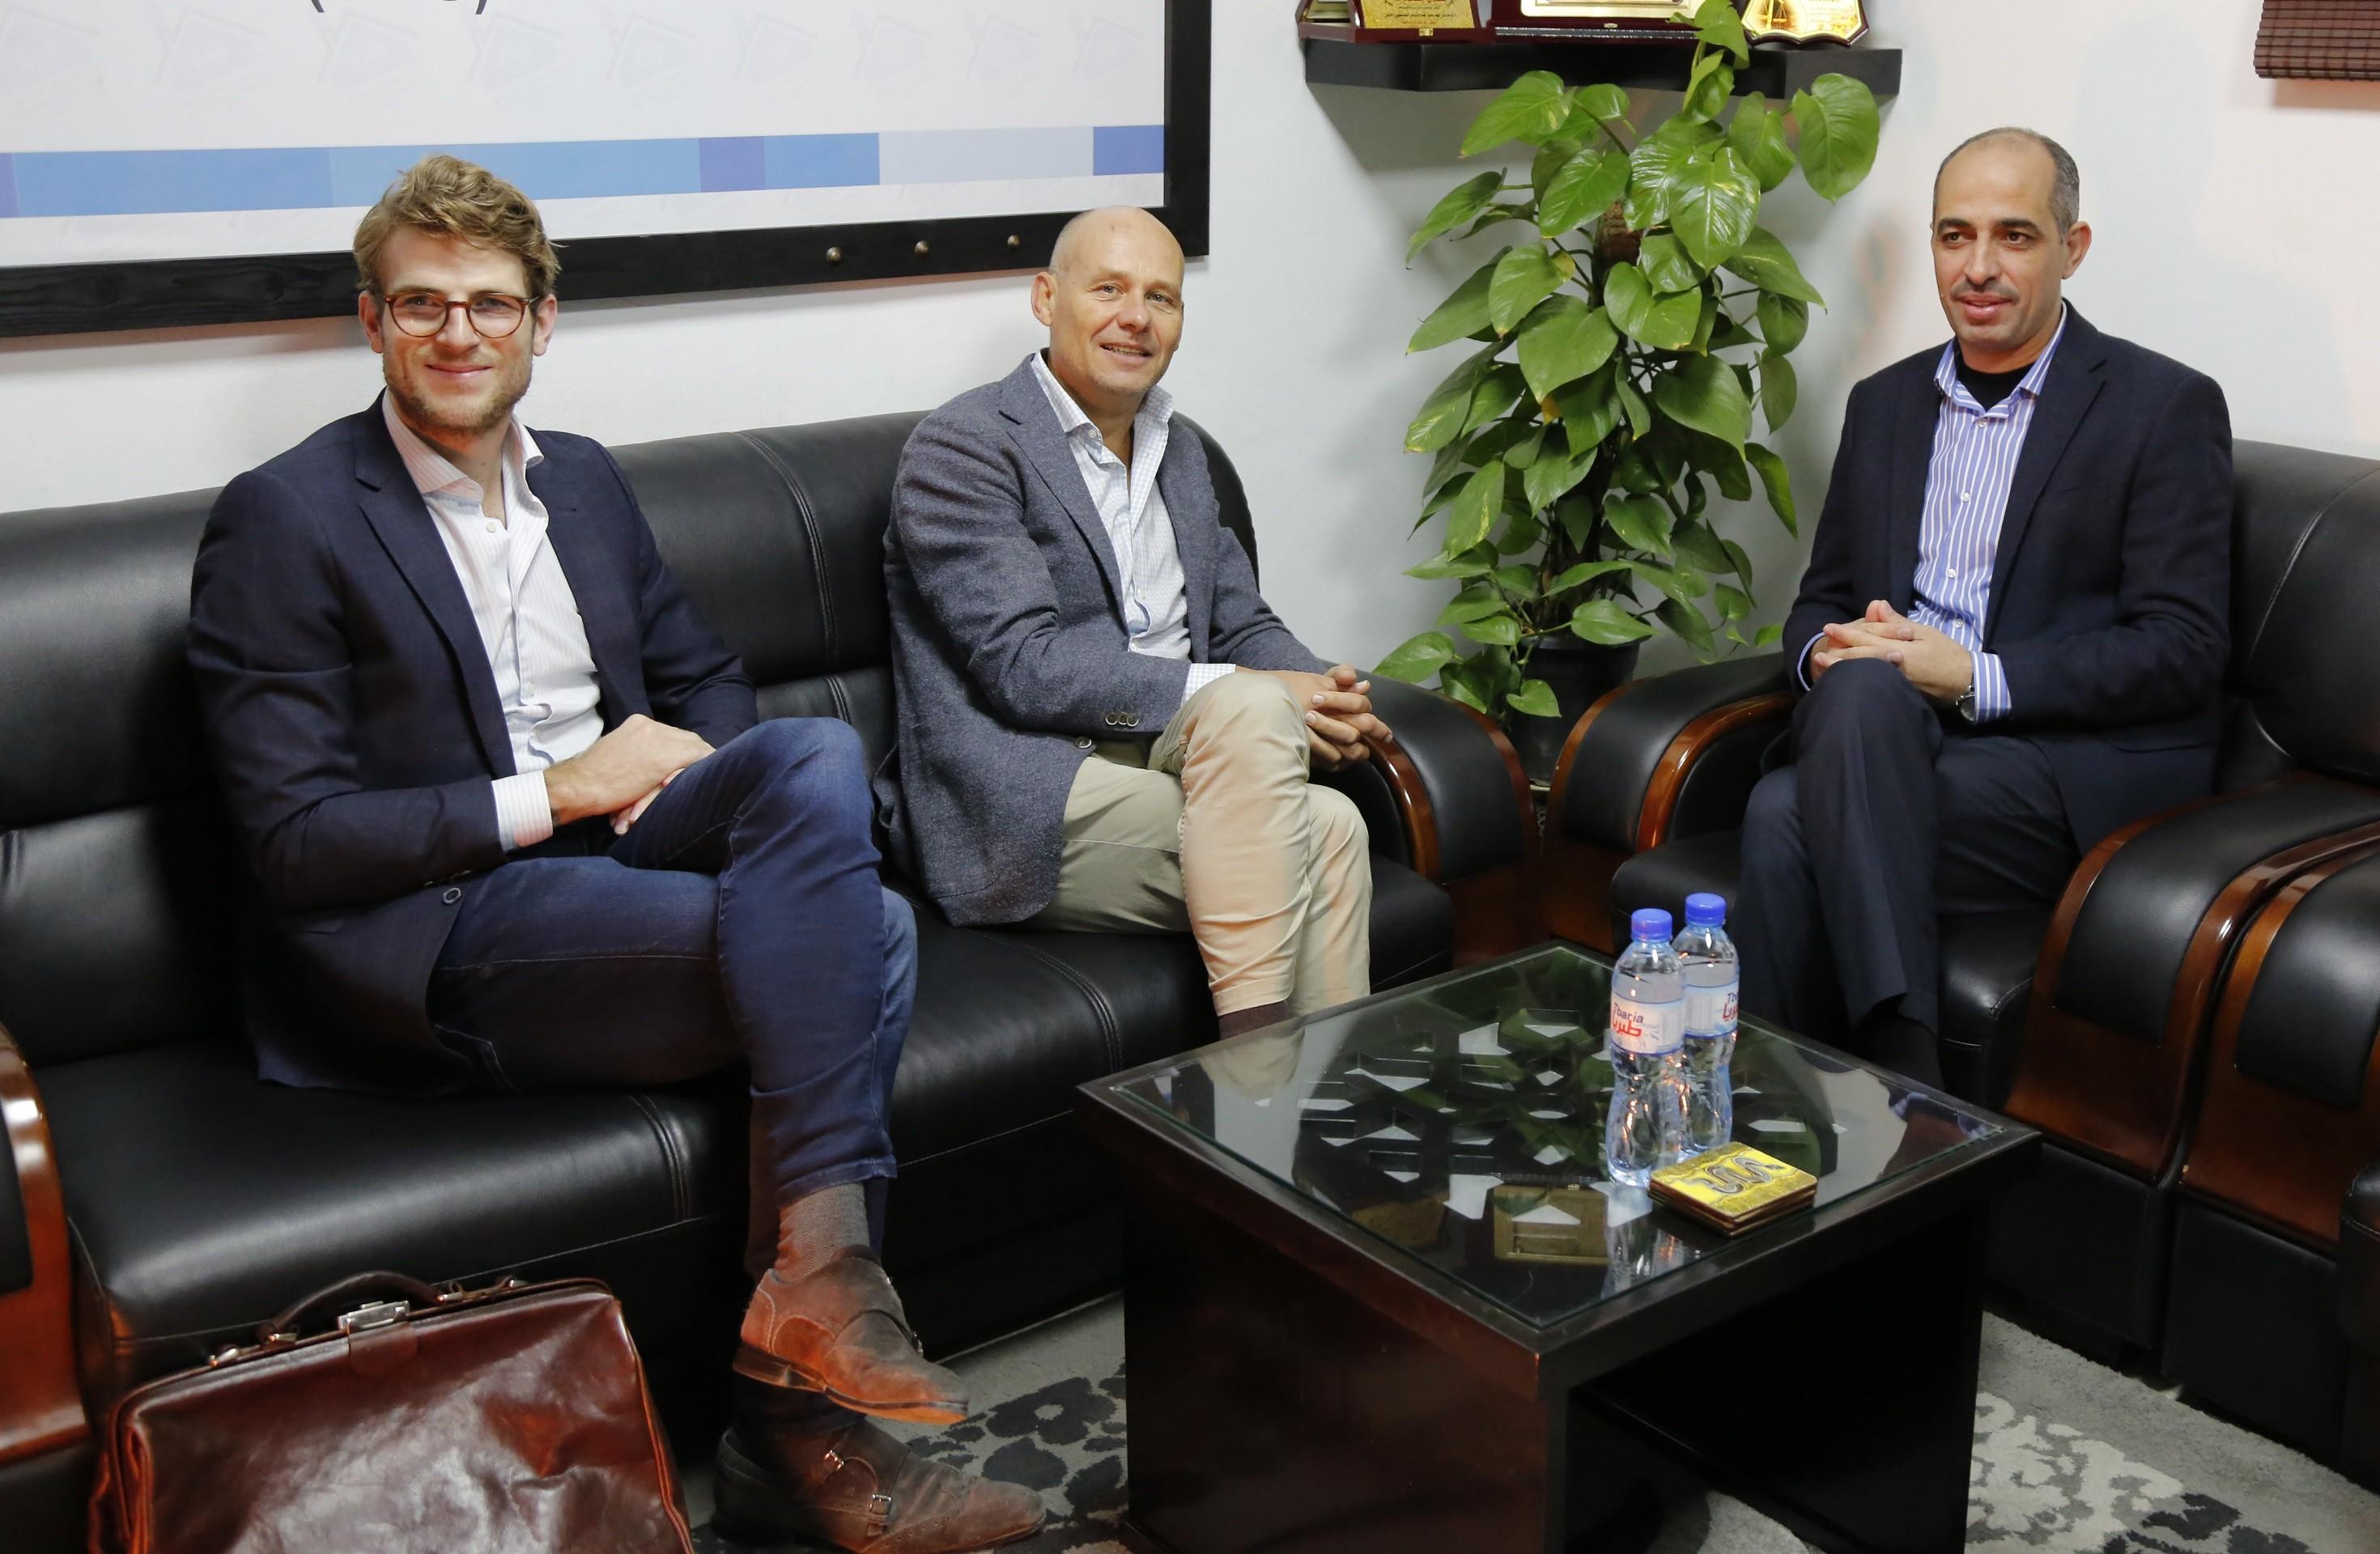 سفير هولندا يزور بيت الصحافة